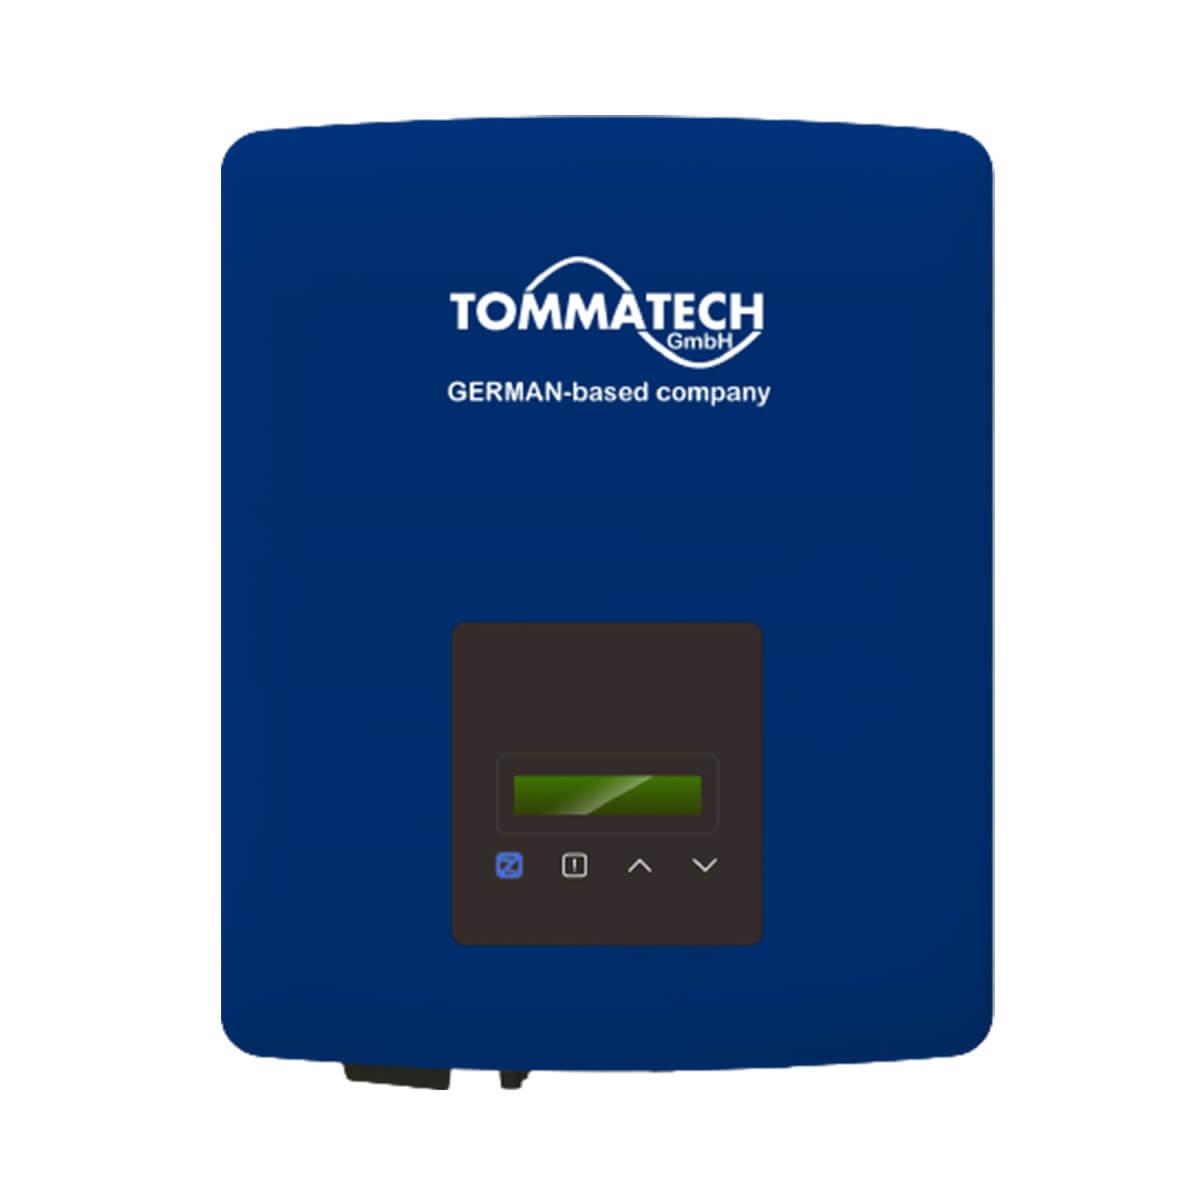 tommatech 2kW inverter, tommatech uno 2kW inverter, tommatech uno-a-2.0 inverter, tommatech uno-a-2.0, tommatech uno 2 kW, TOMMATECH 2 kW